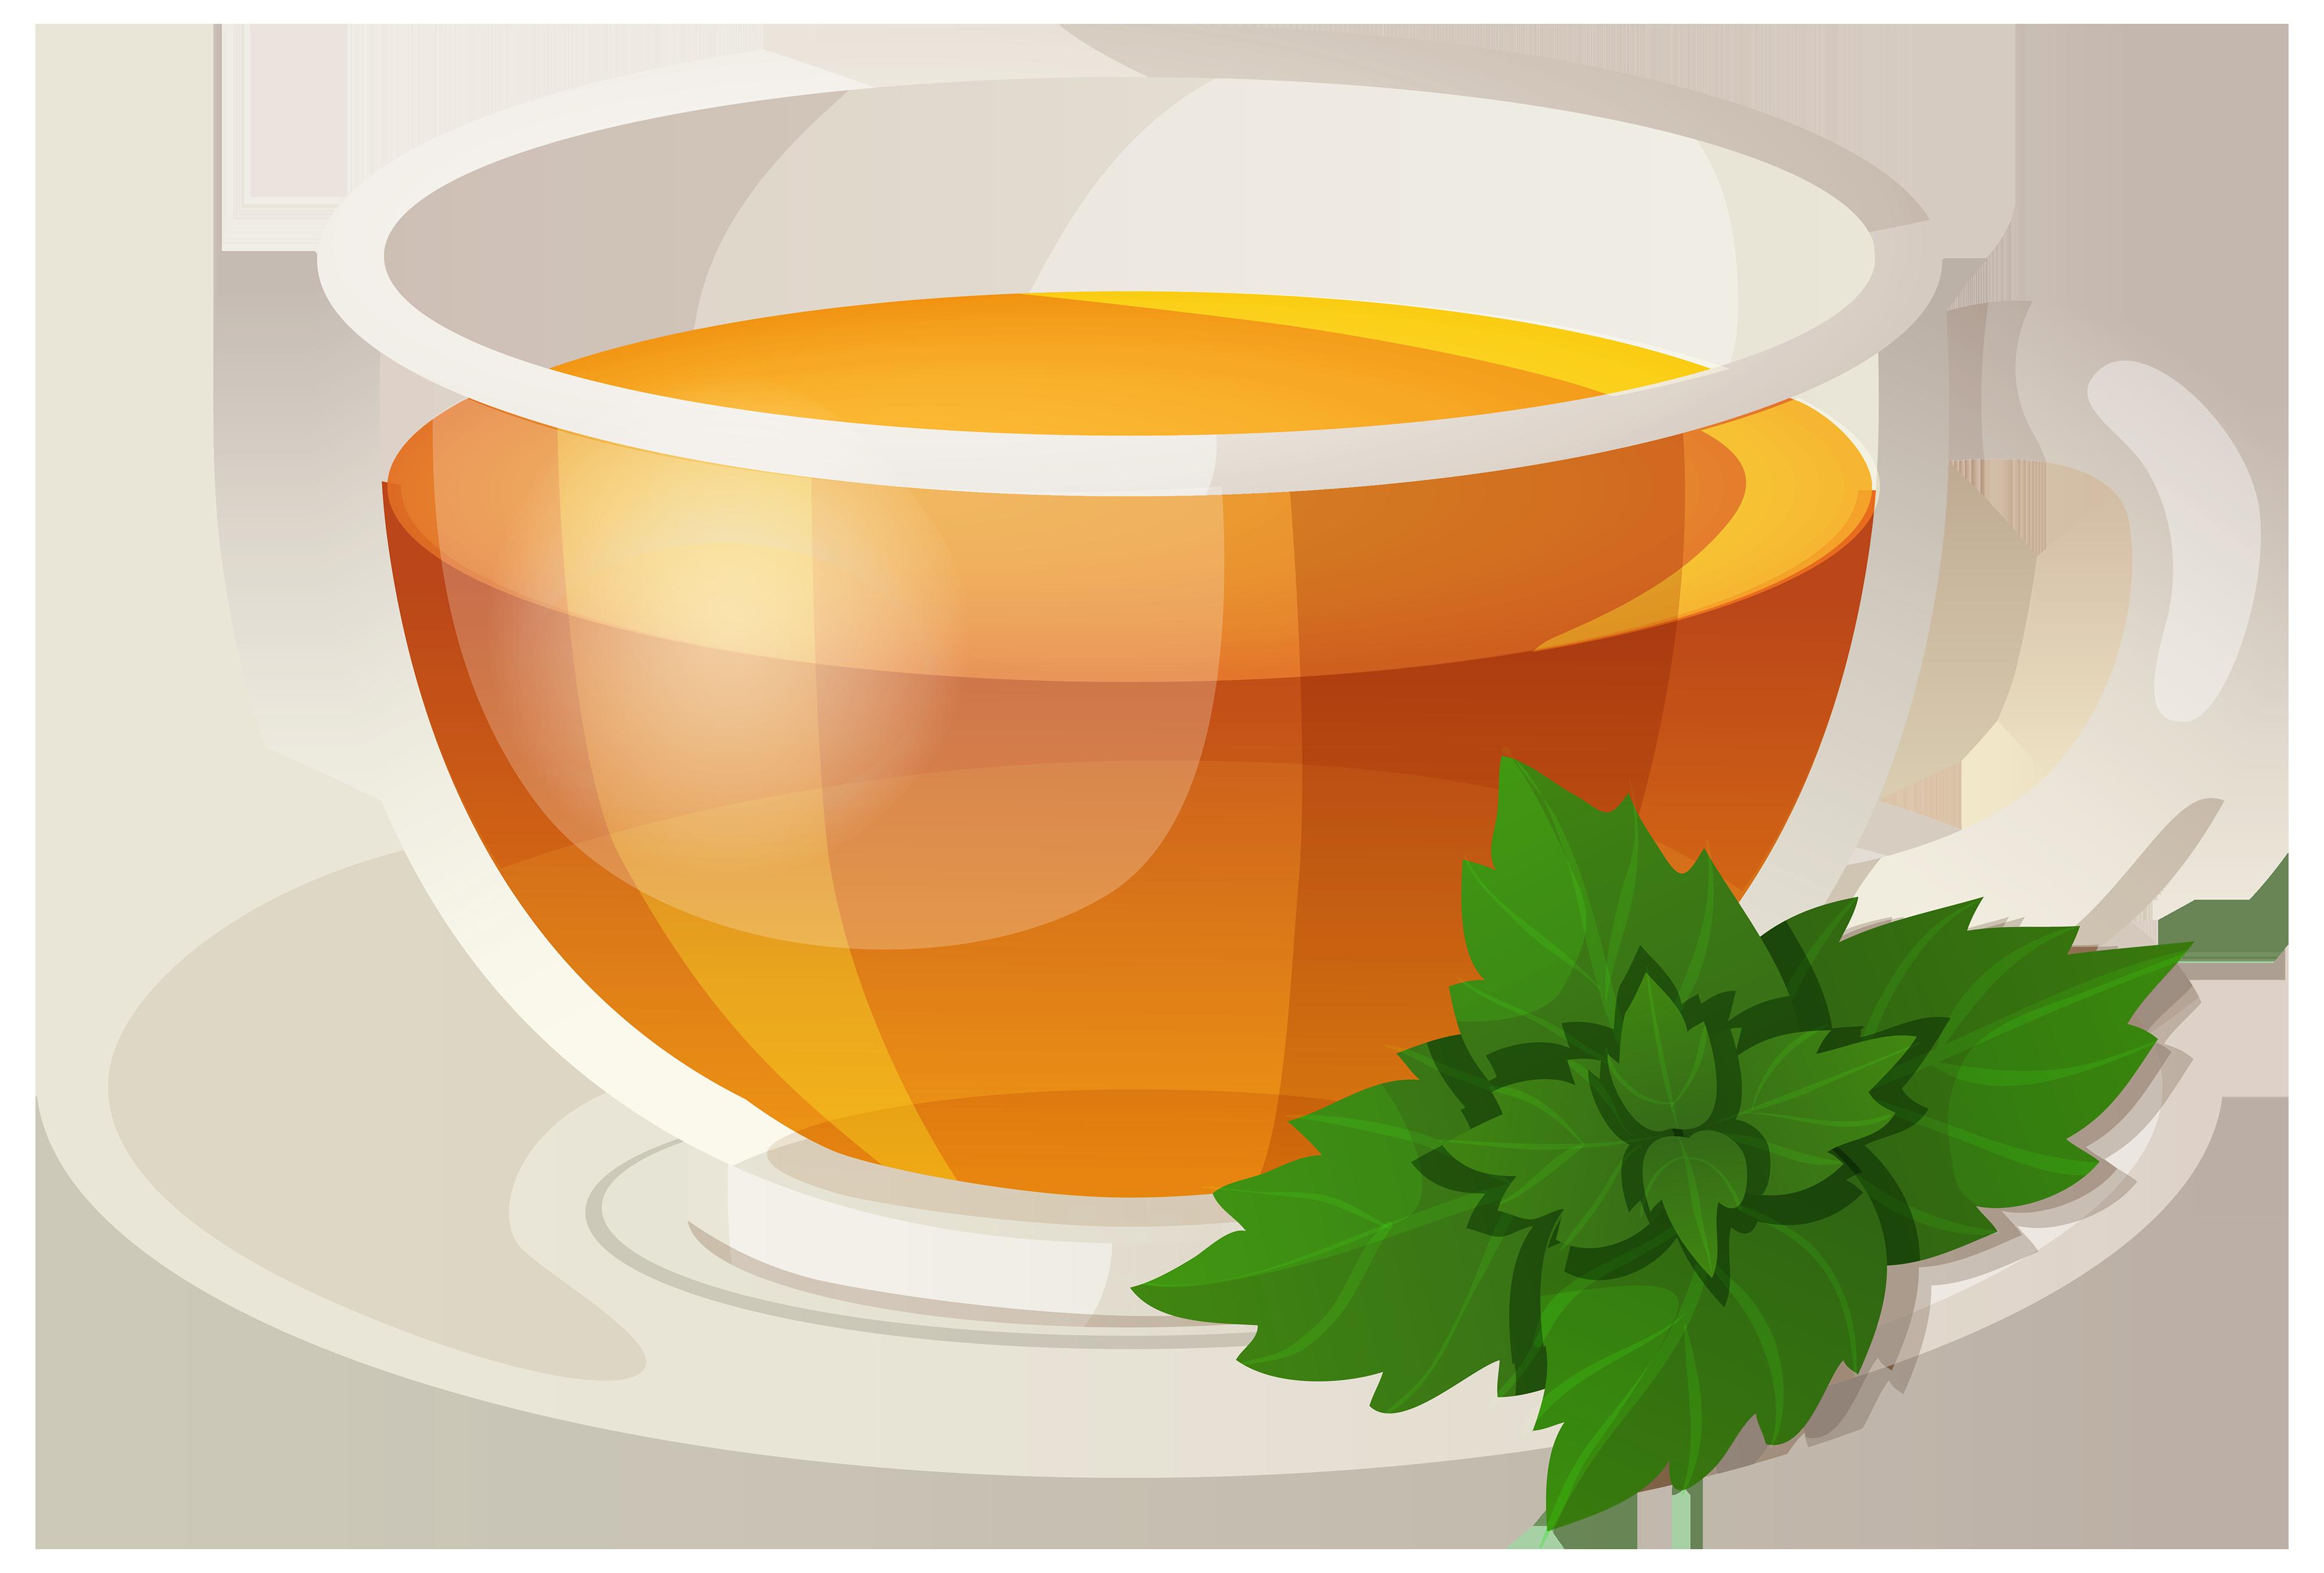 Tea Cup Clip Art in 2019.